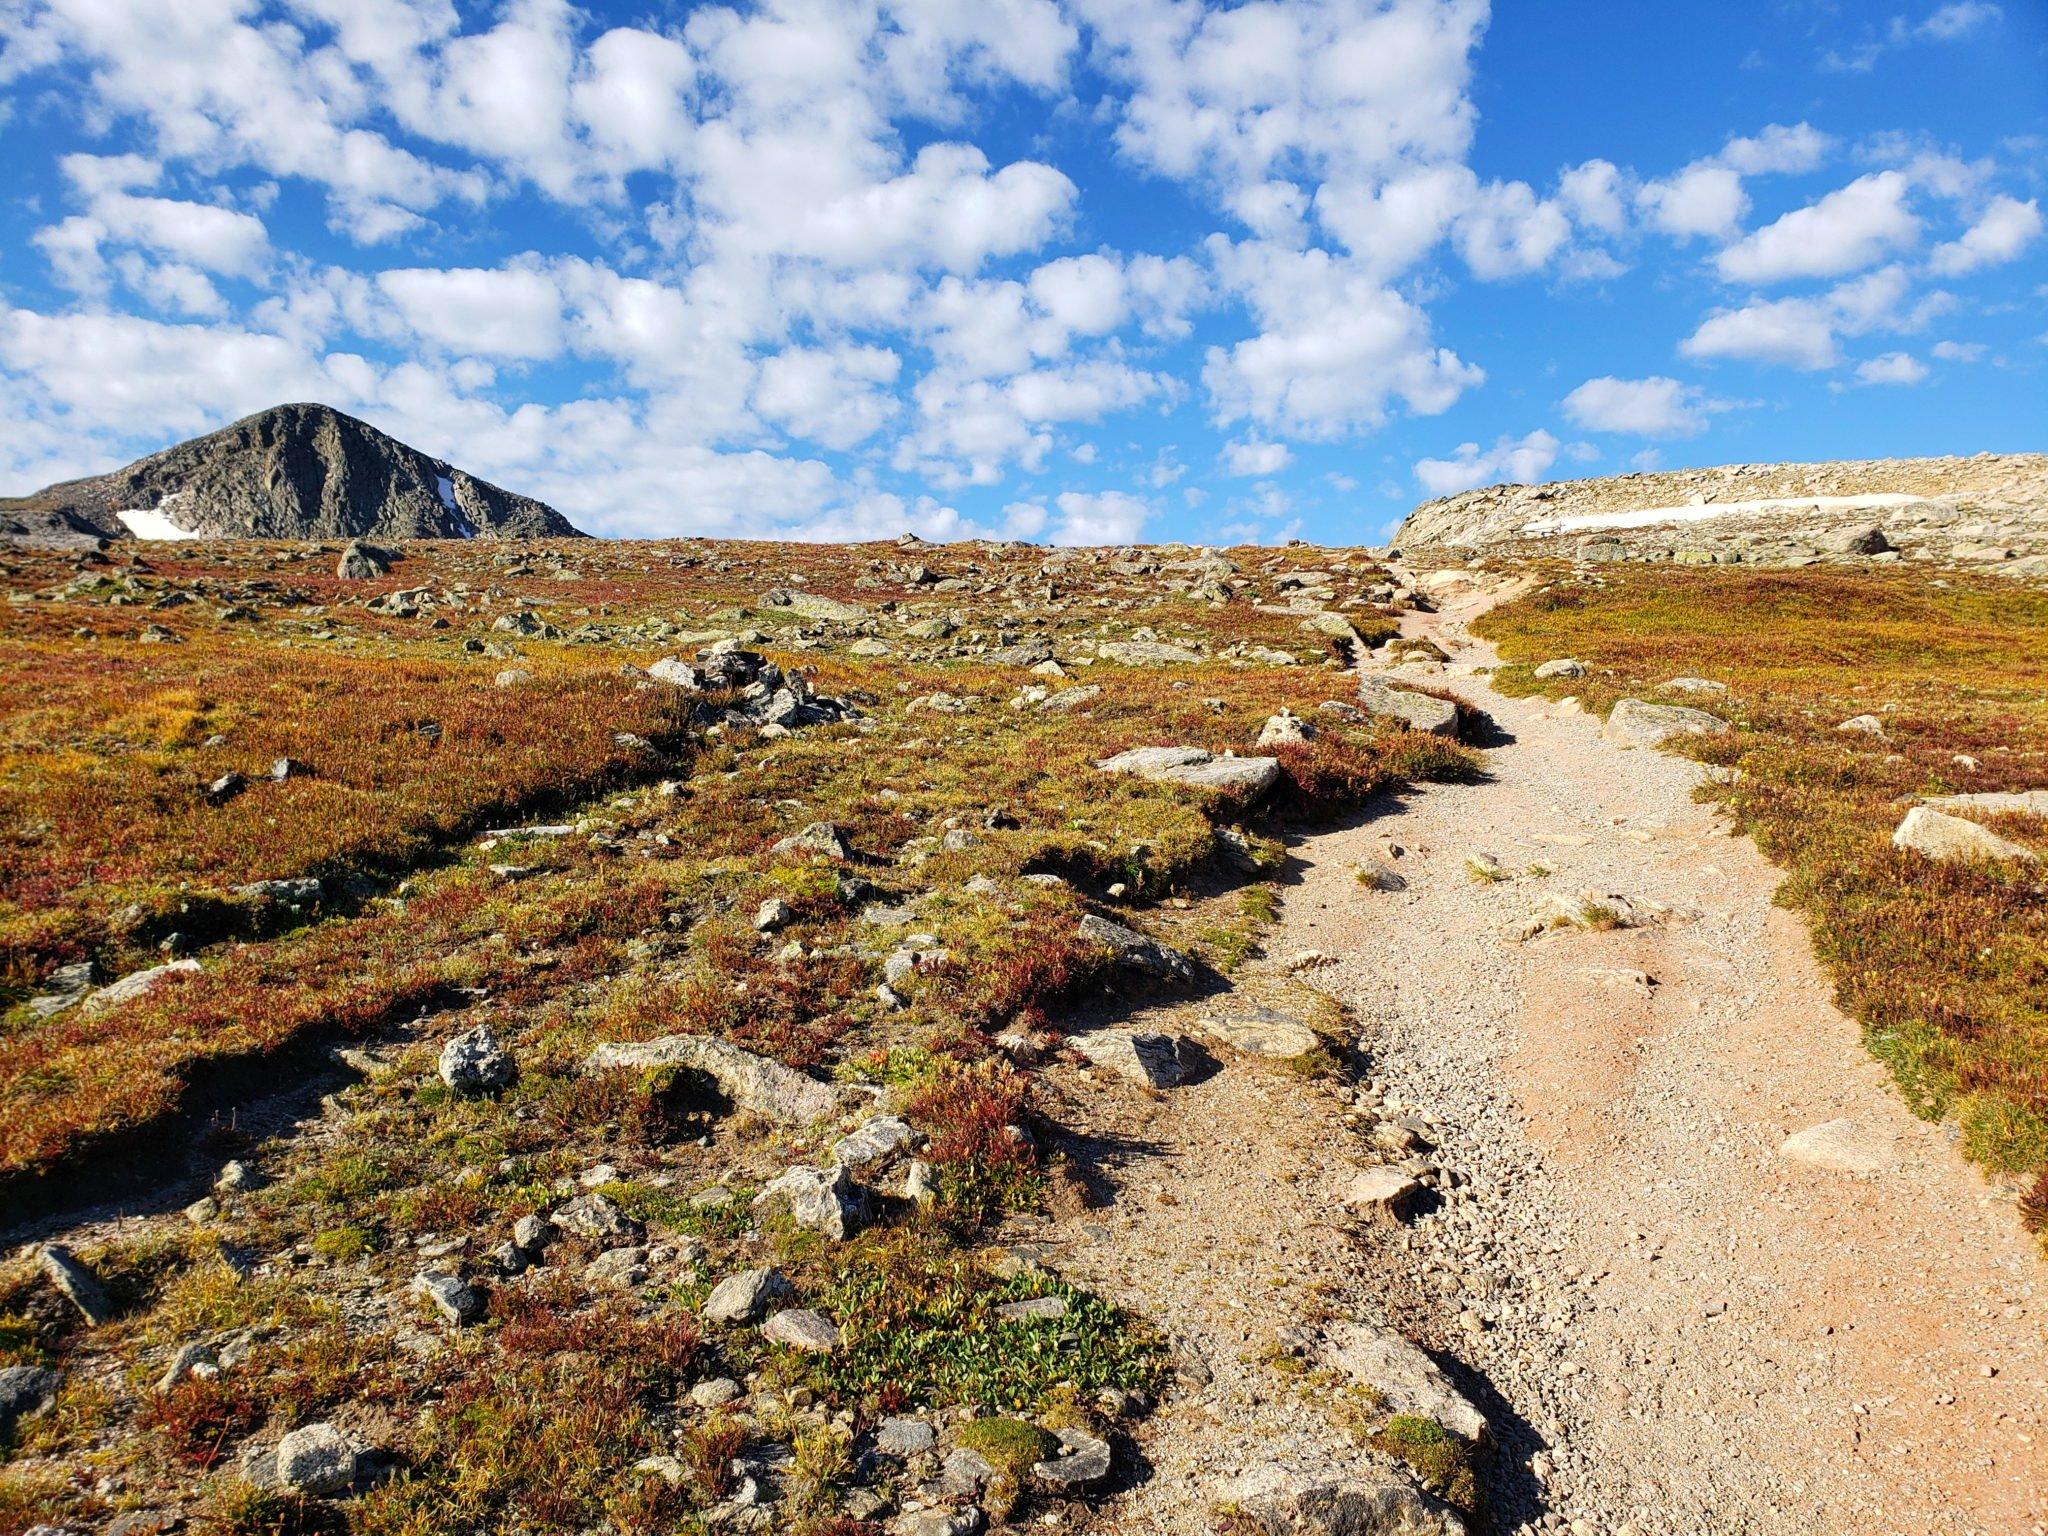 Hallett Peak on the left and Flattop Mountain on the right